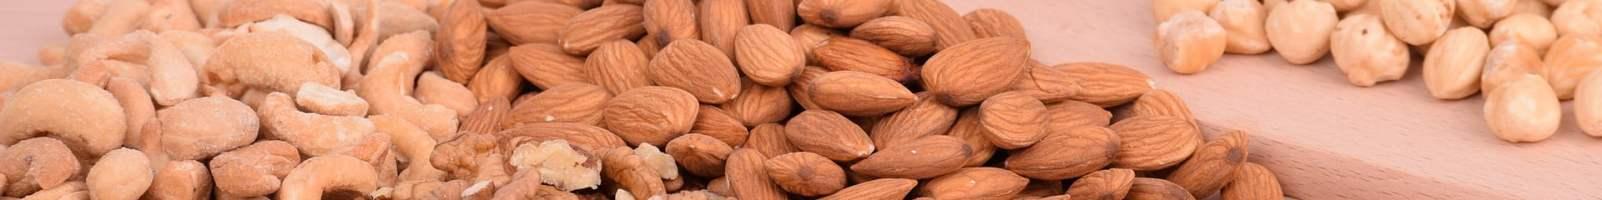 La importancia de la fibra en la dieta